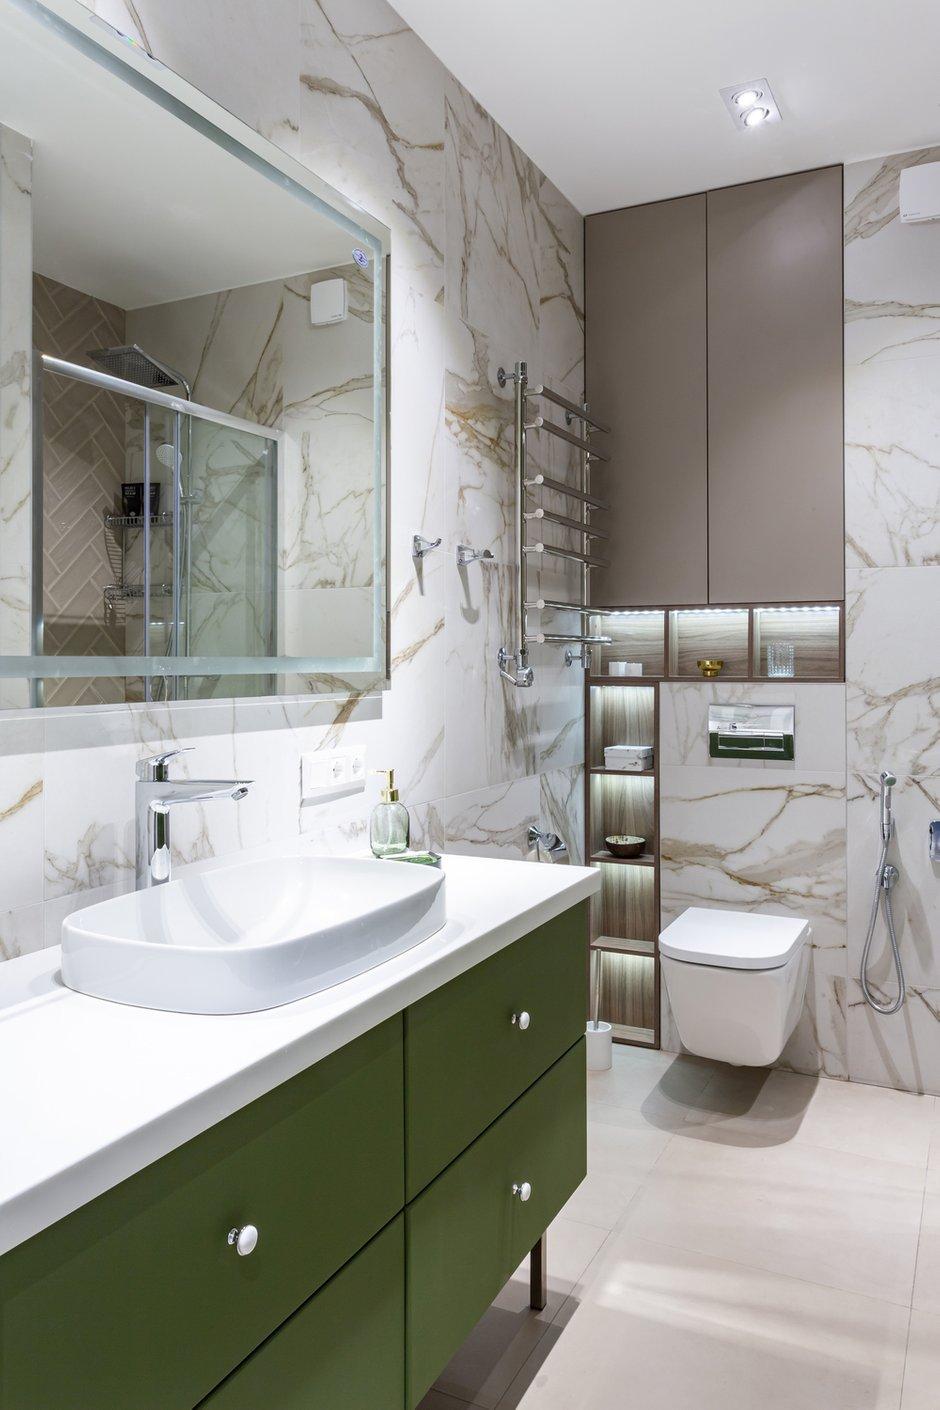 Фотография: Ванная в стиле Современный, Квартира, Проект недели, Москва, 2 комнаты, 40-60 метров, Марина Светлова – фото на INMYROOM